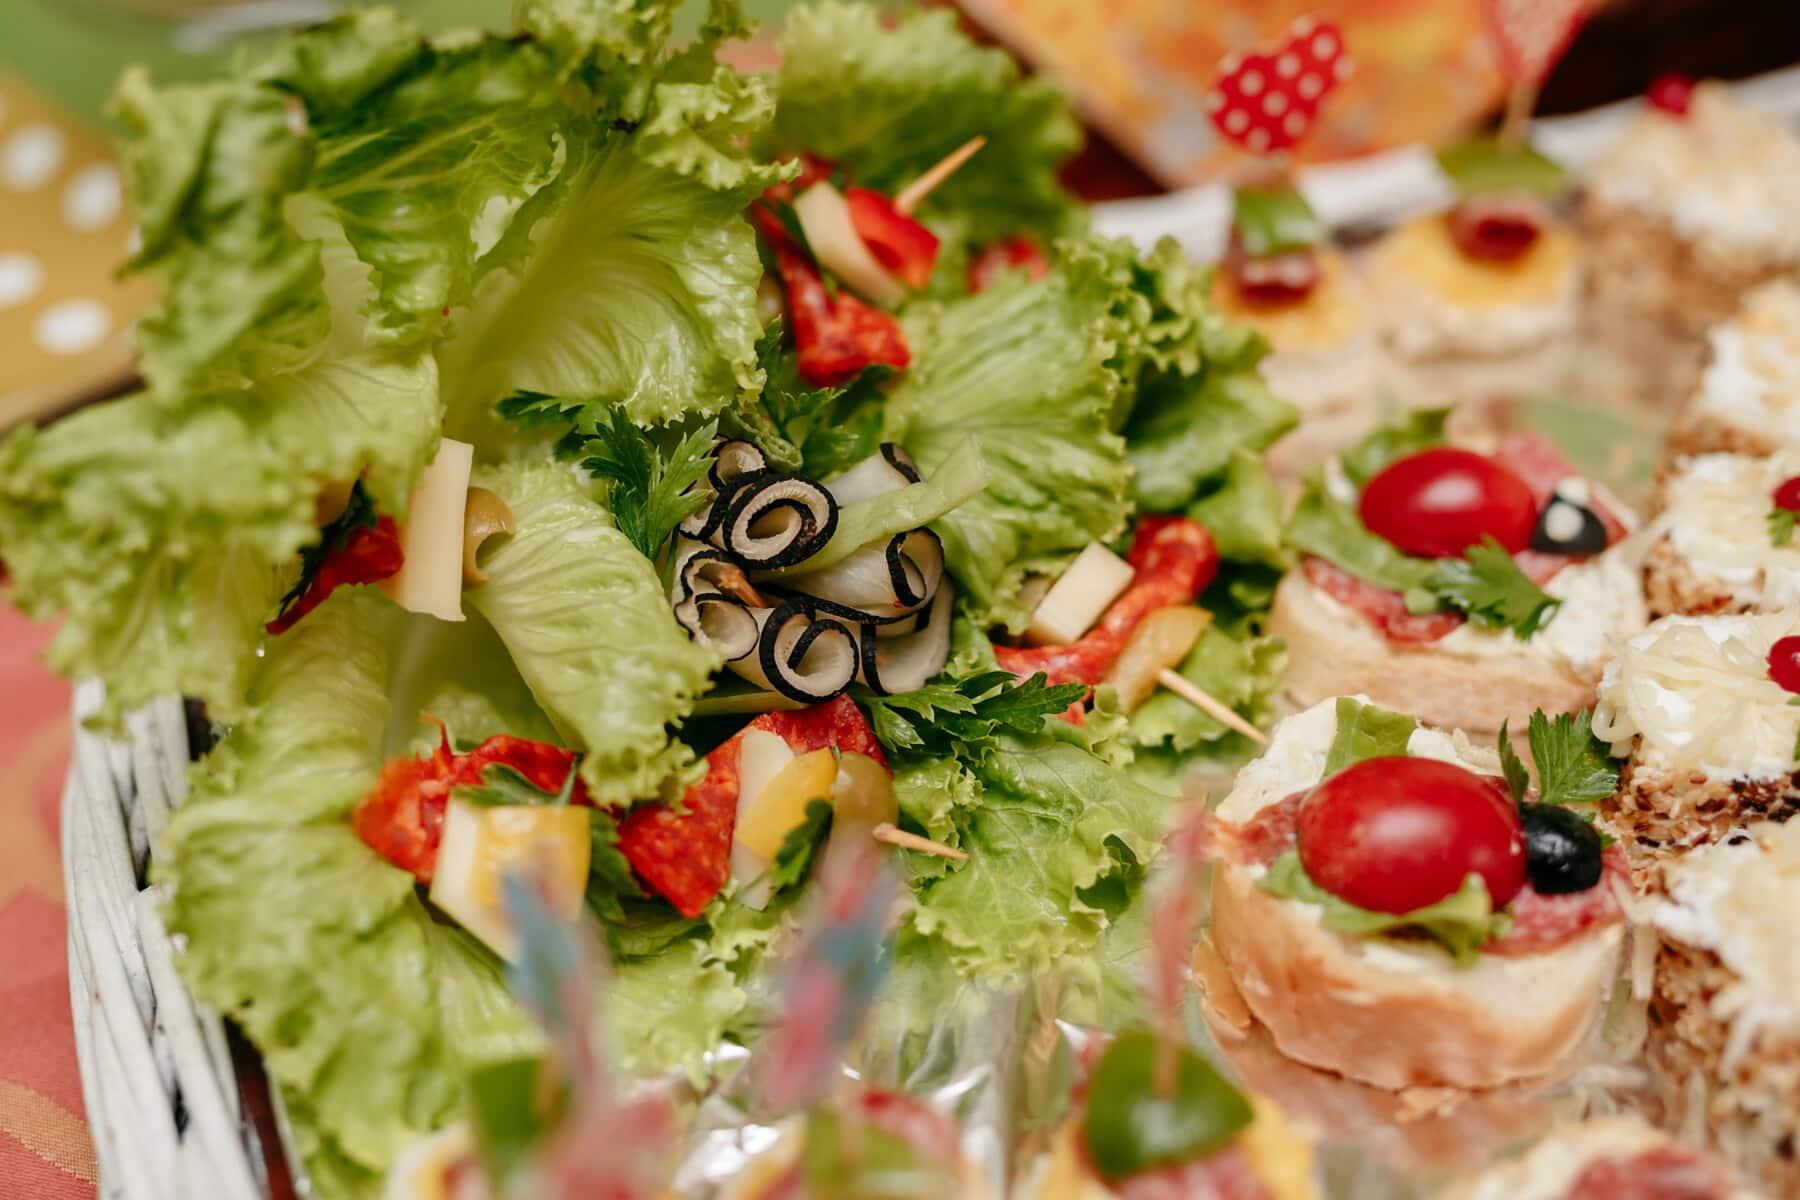 salade bar, snack, smakelijke, voorgerecht, brood, Worst, mozzarella, fast food, tomaat, schotel